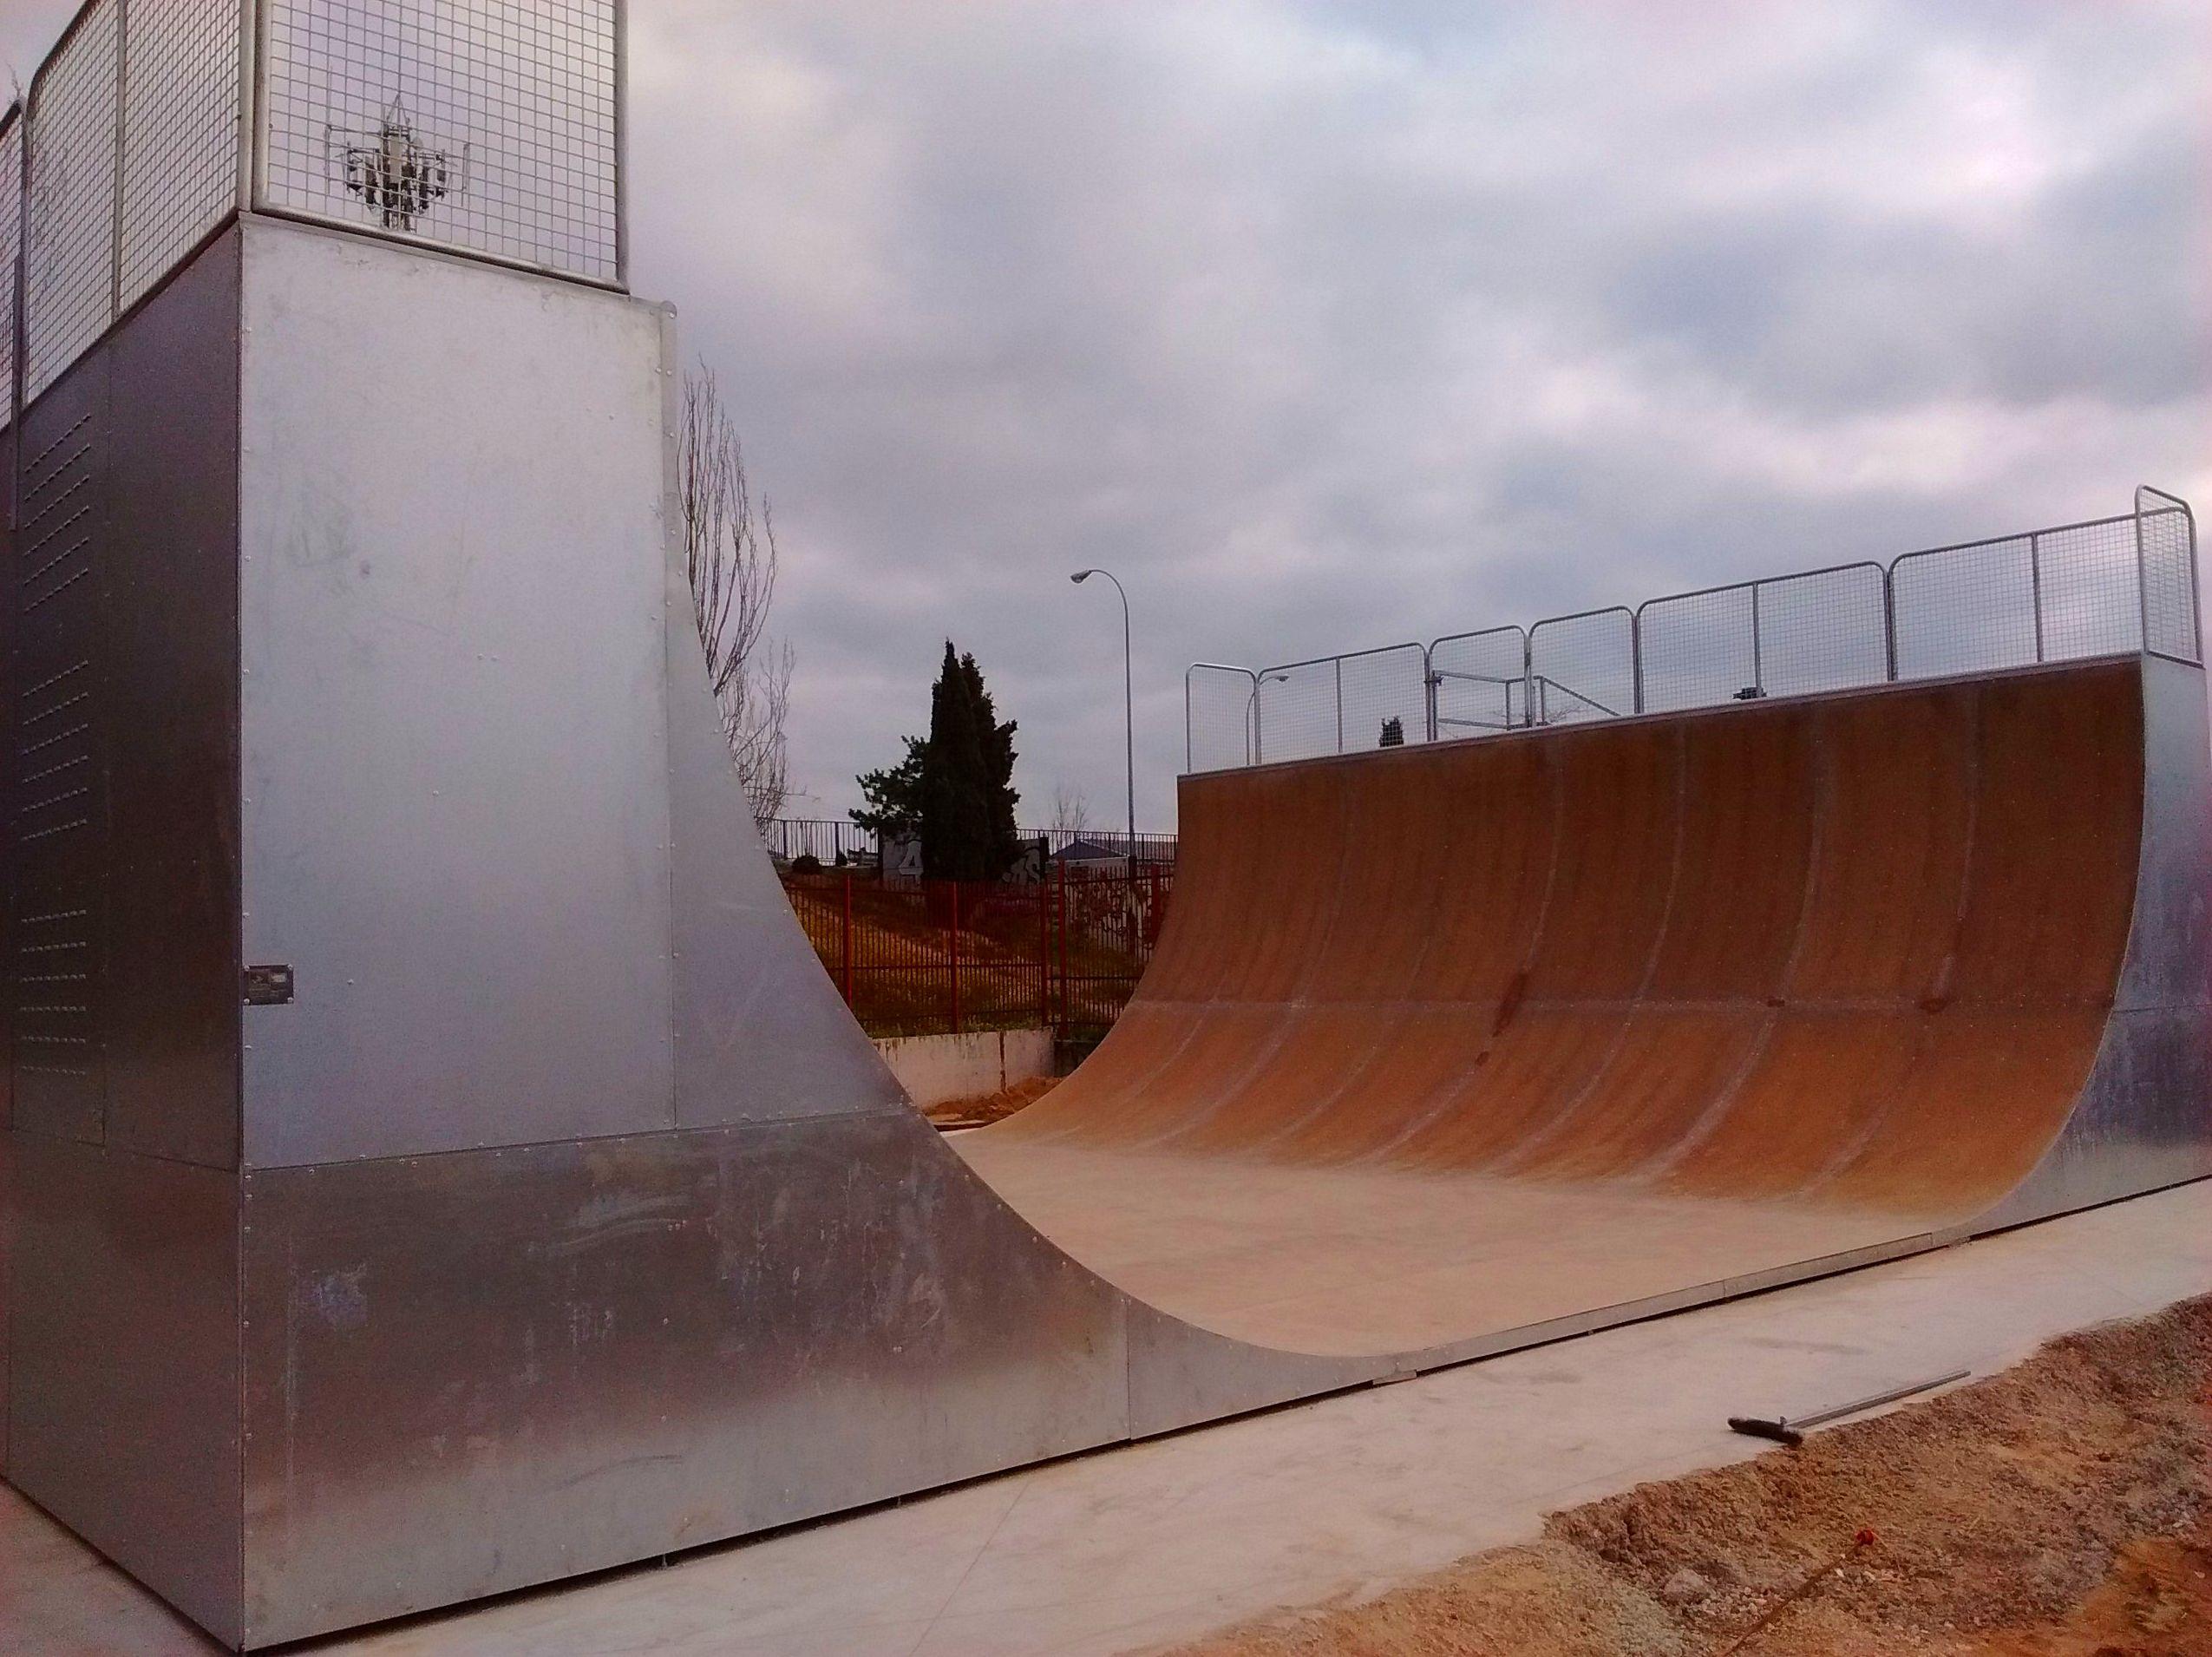 Foto 13 de Skate en Amorebieta-Etxano | Transformers Skateparks